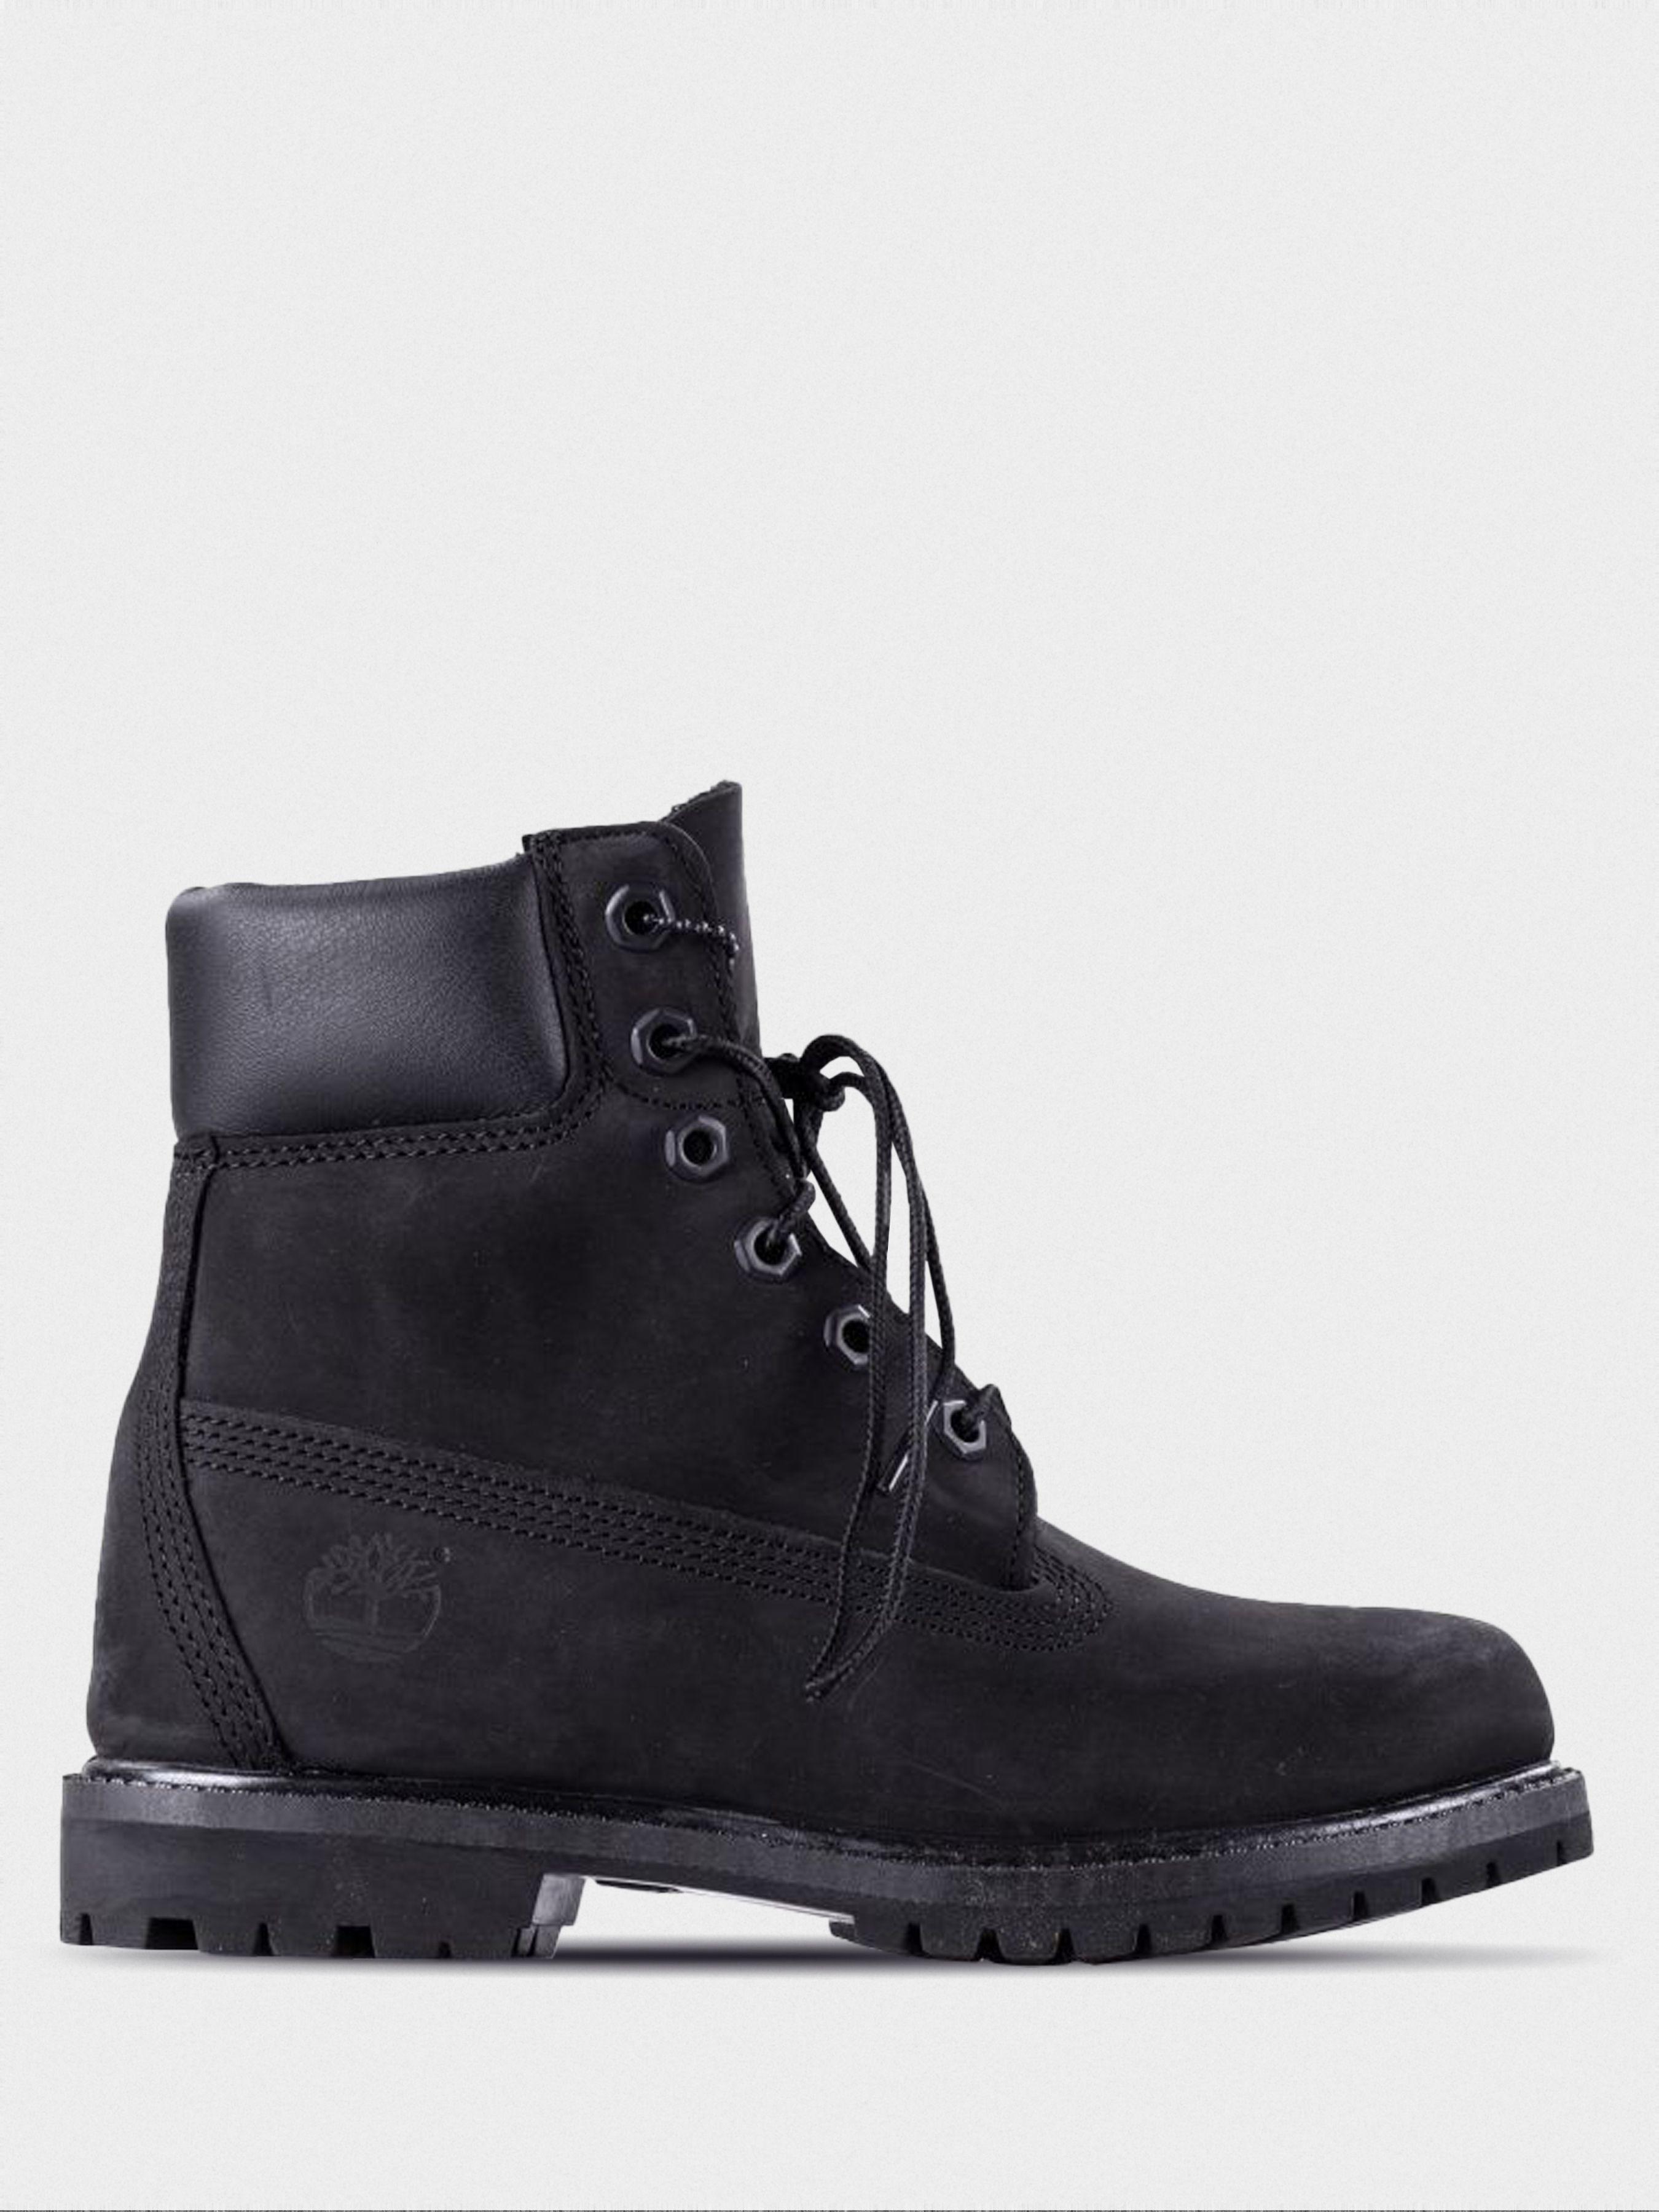 Купить Ботинки женские Timberland 6 In Premium TG2126, Черный